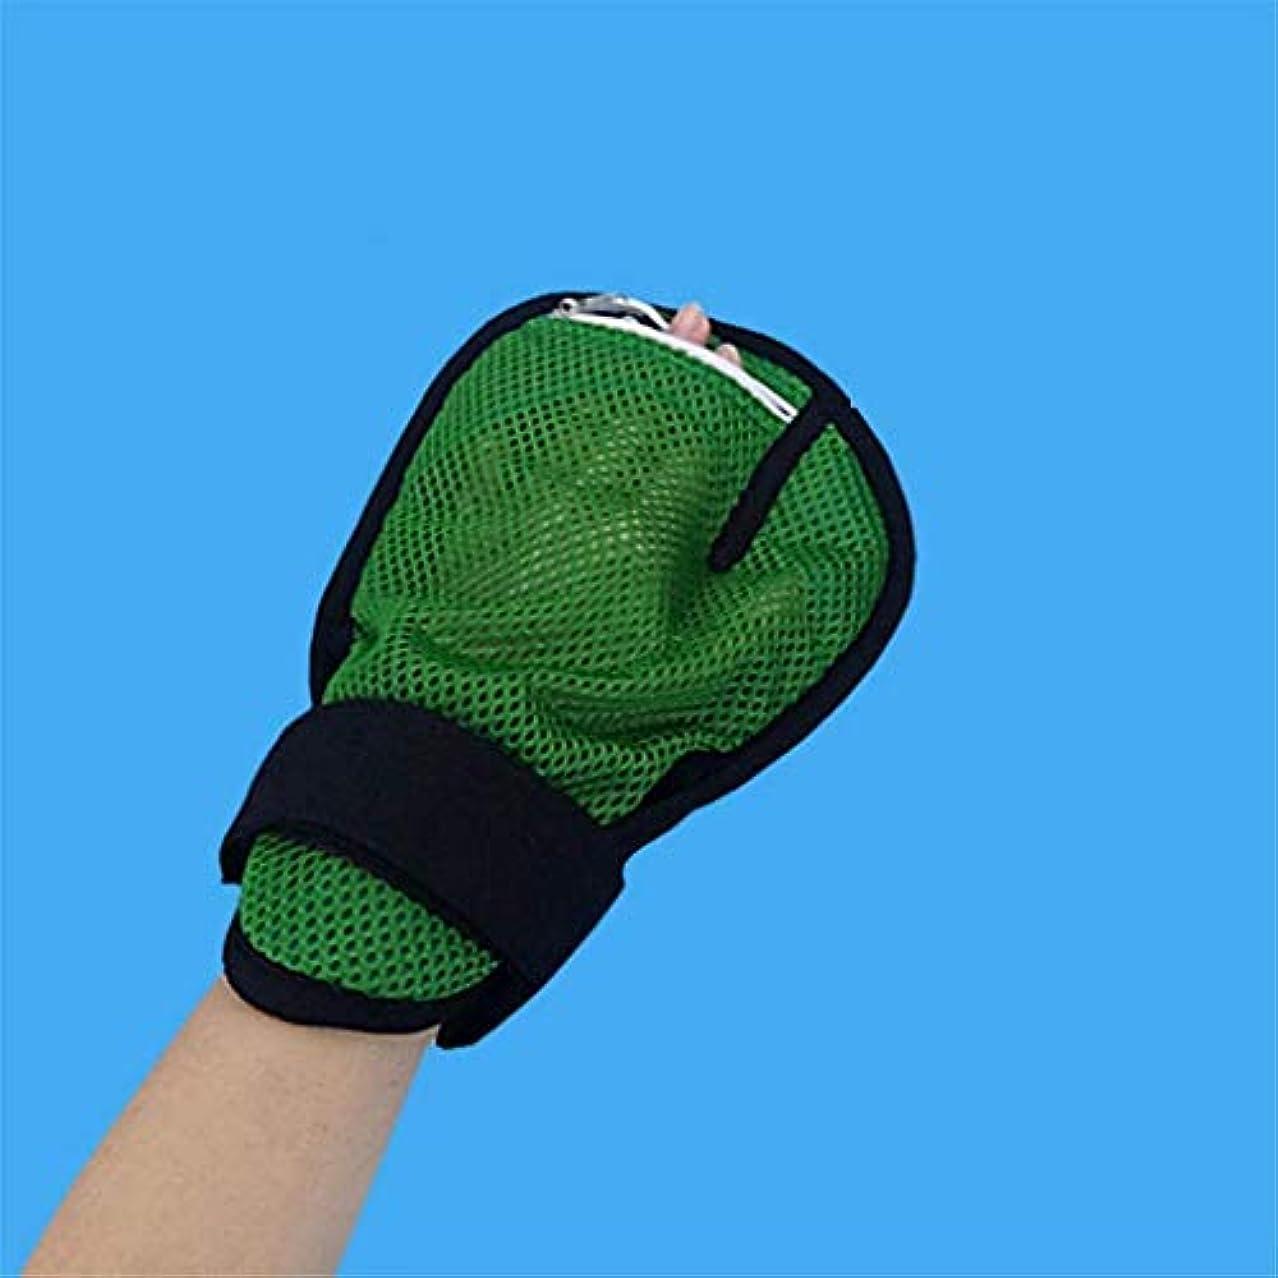 韓国評価する生理フィンガーコントロールミット - 忍耐強い手の手の感染保護装置、適切な通気性の保護安全装置指